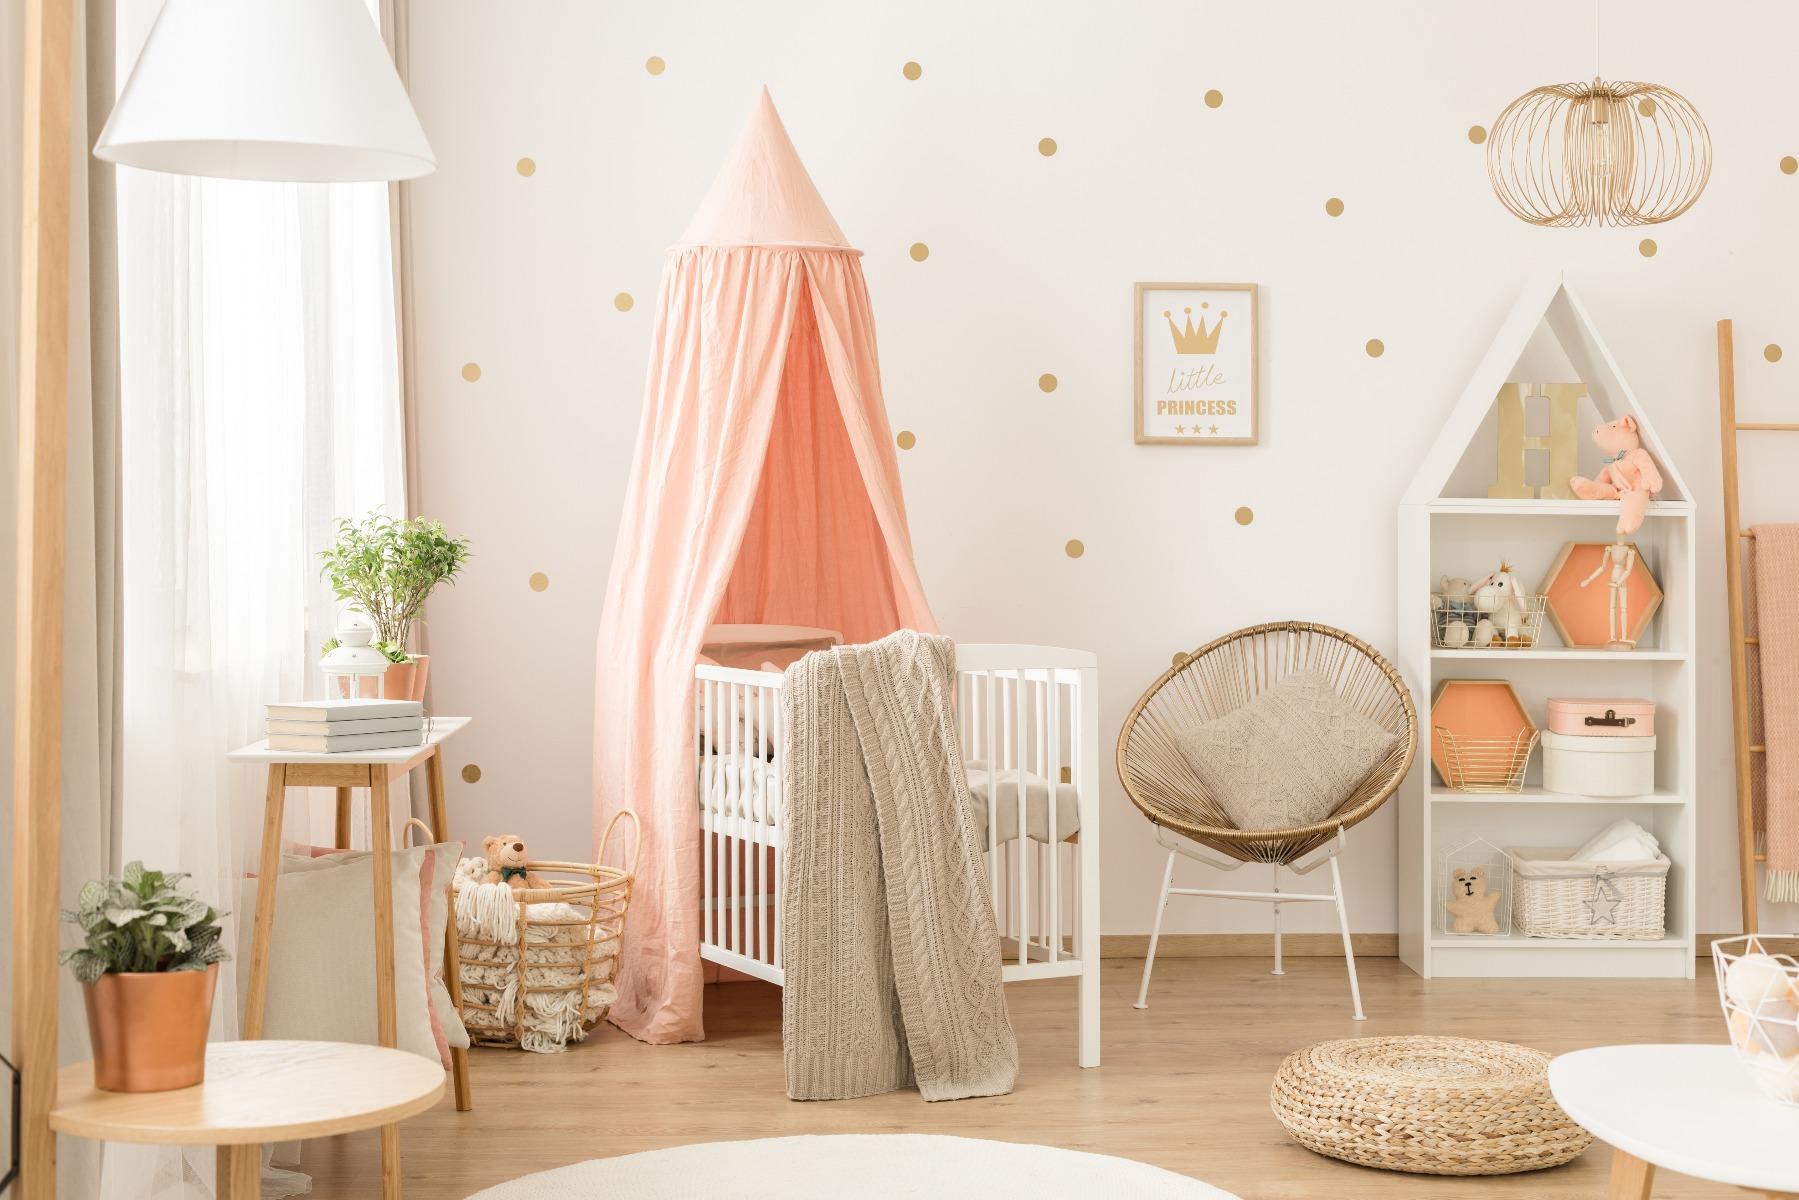 Das Bild zeigt ein Kinderzimmer.